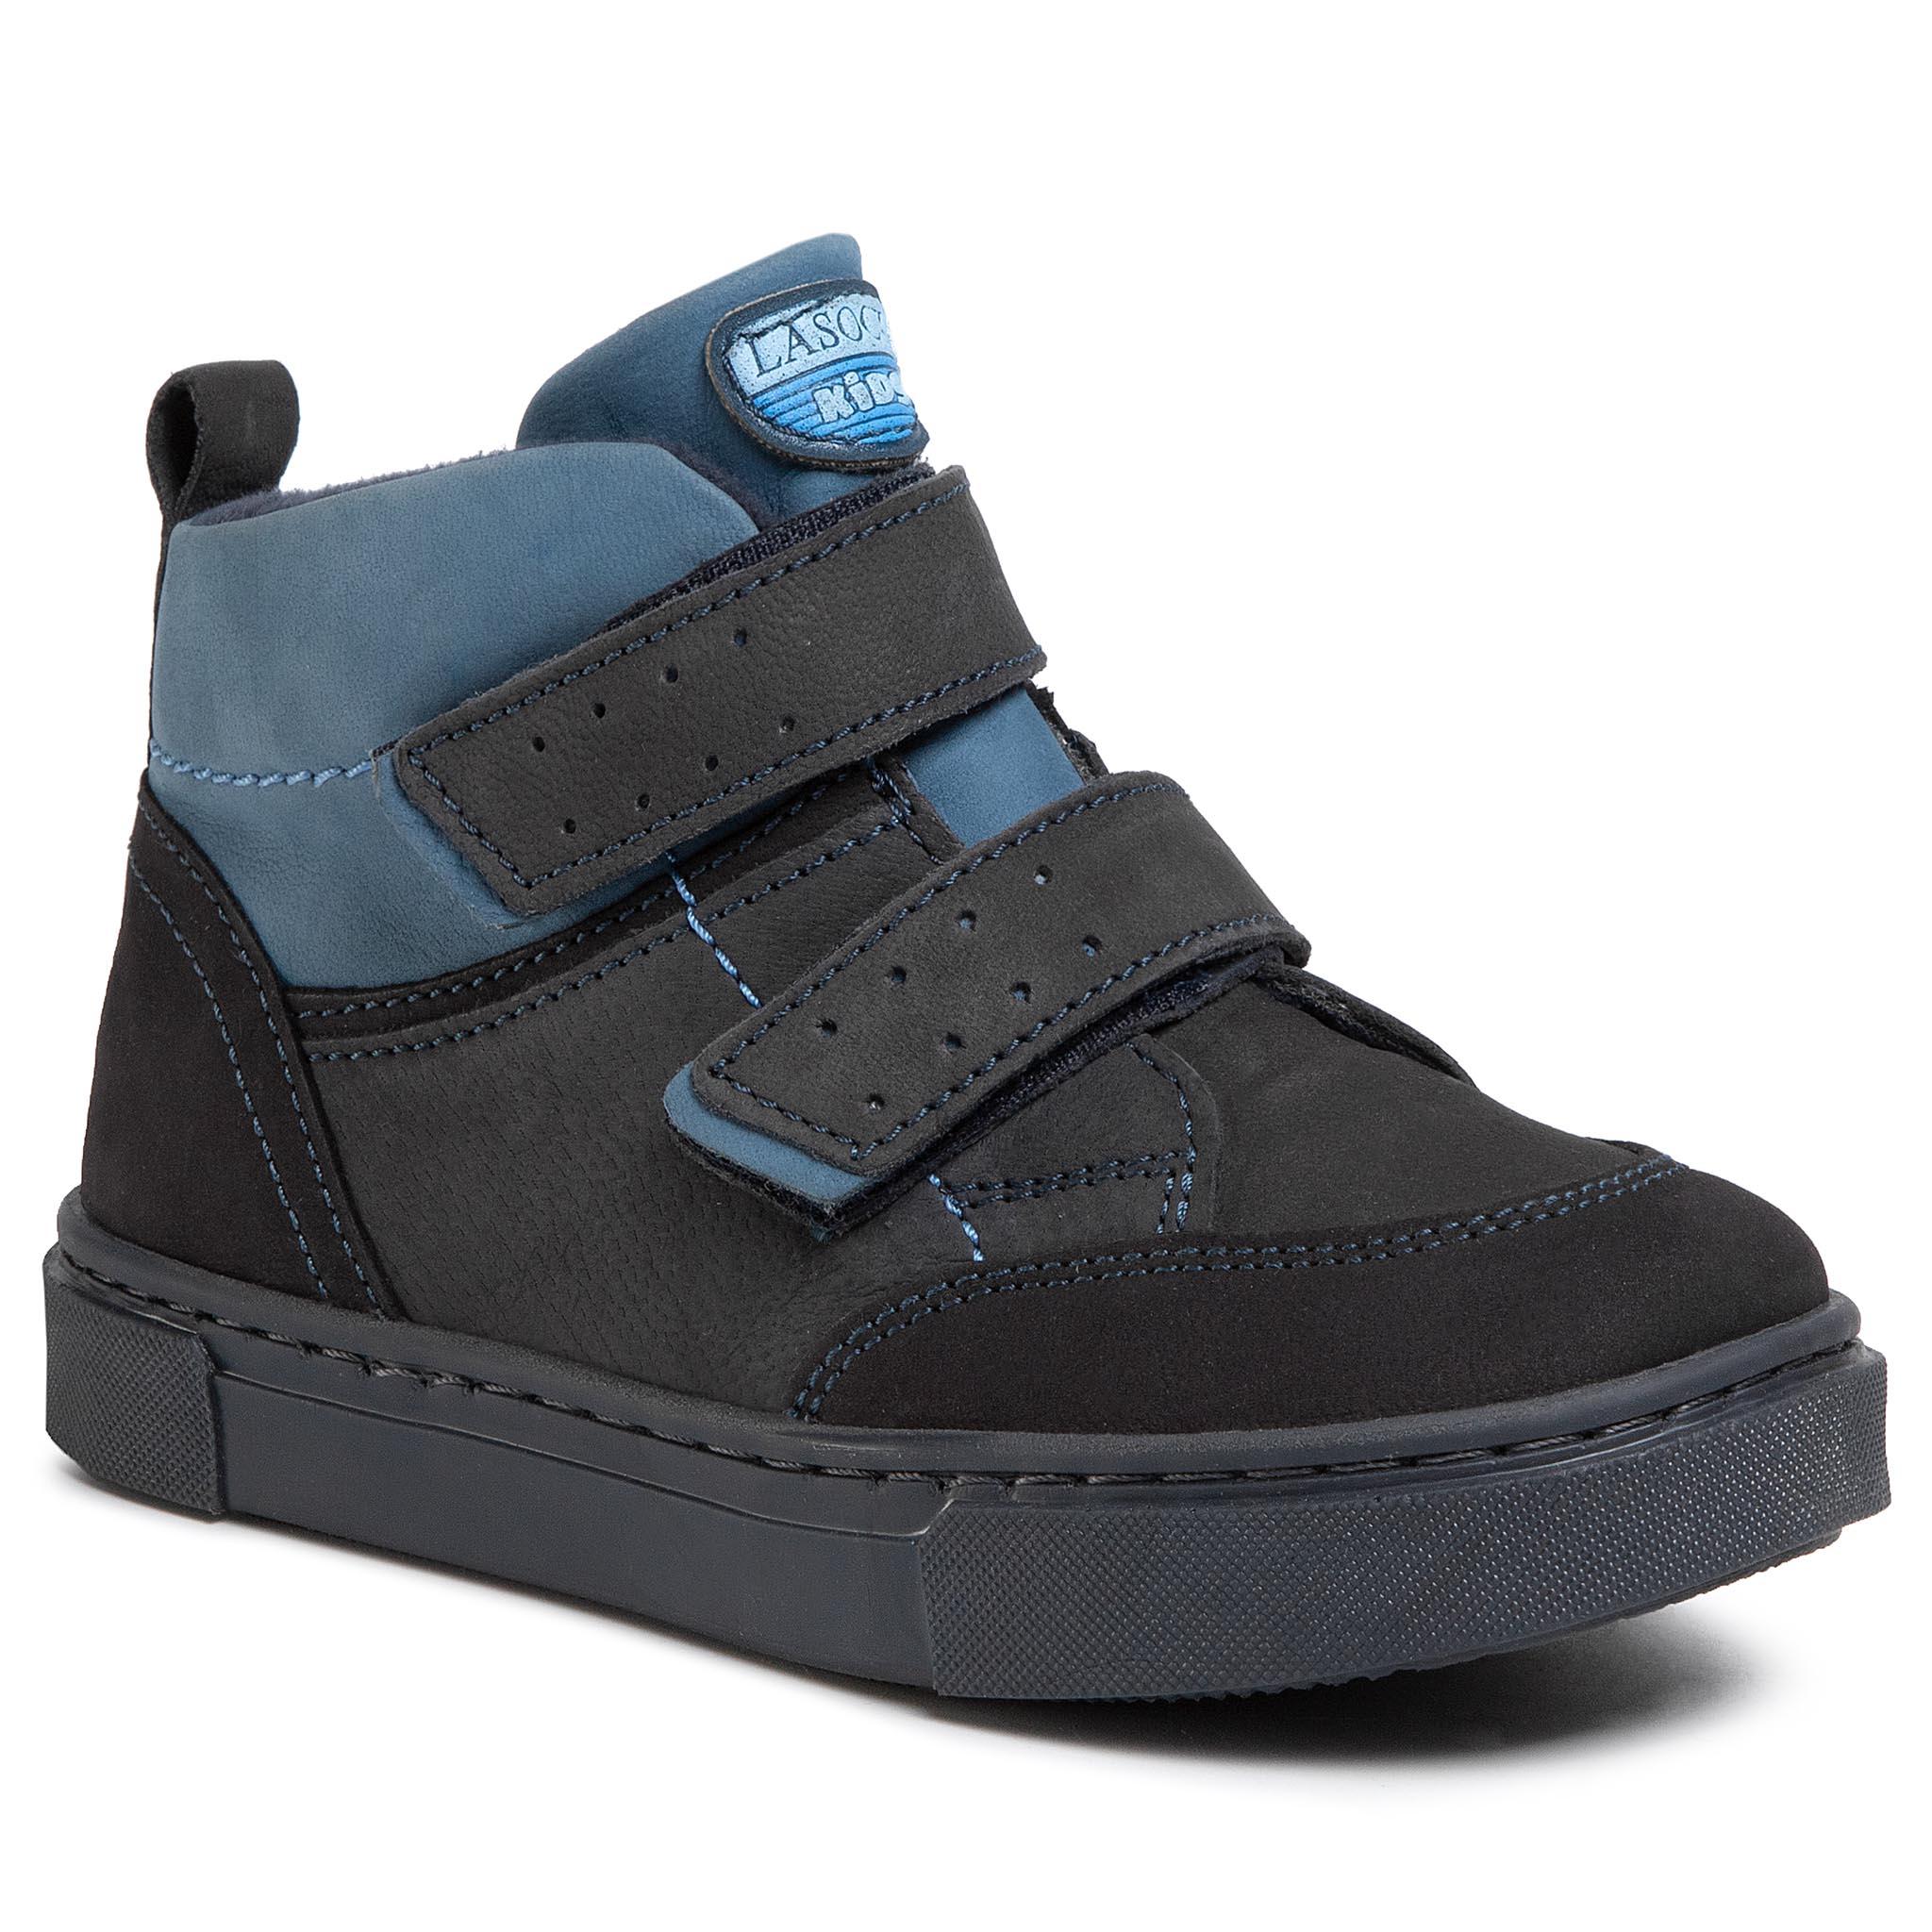 Outdoorová obuv LASOCKI KIDS - CI12-SPLENDER-01 Navy